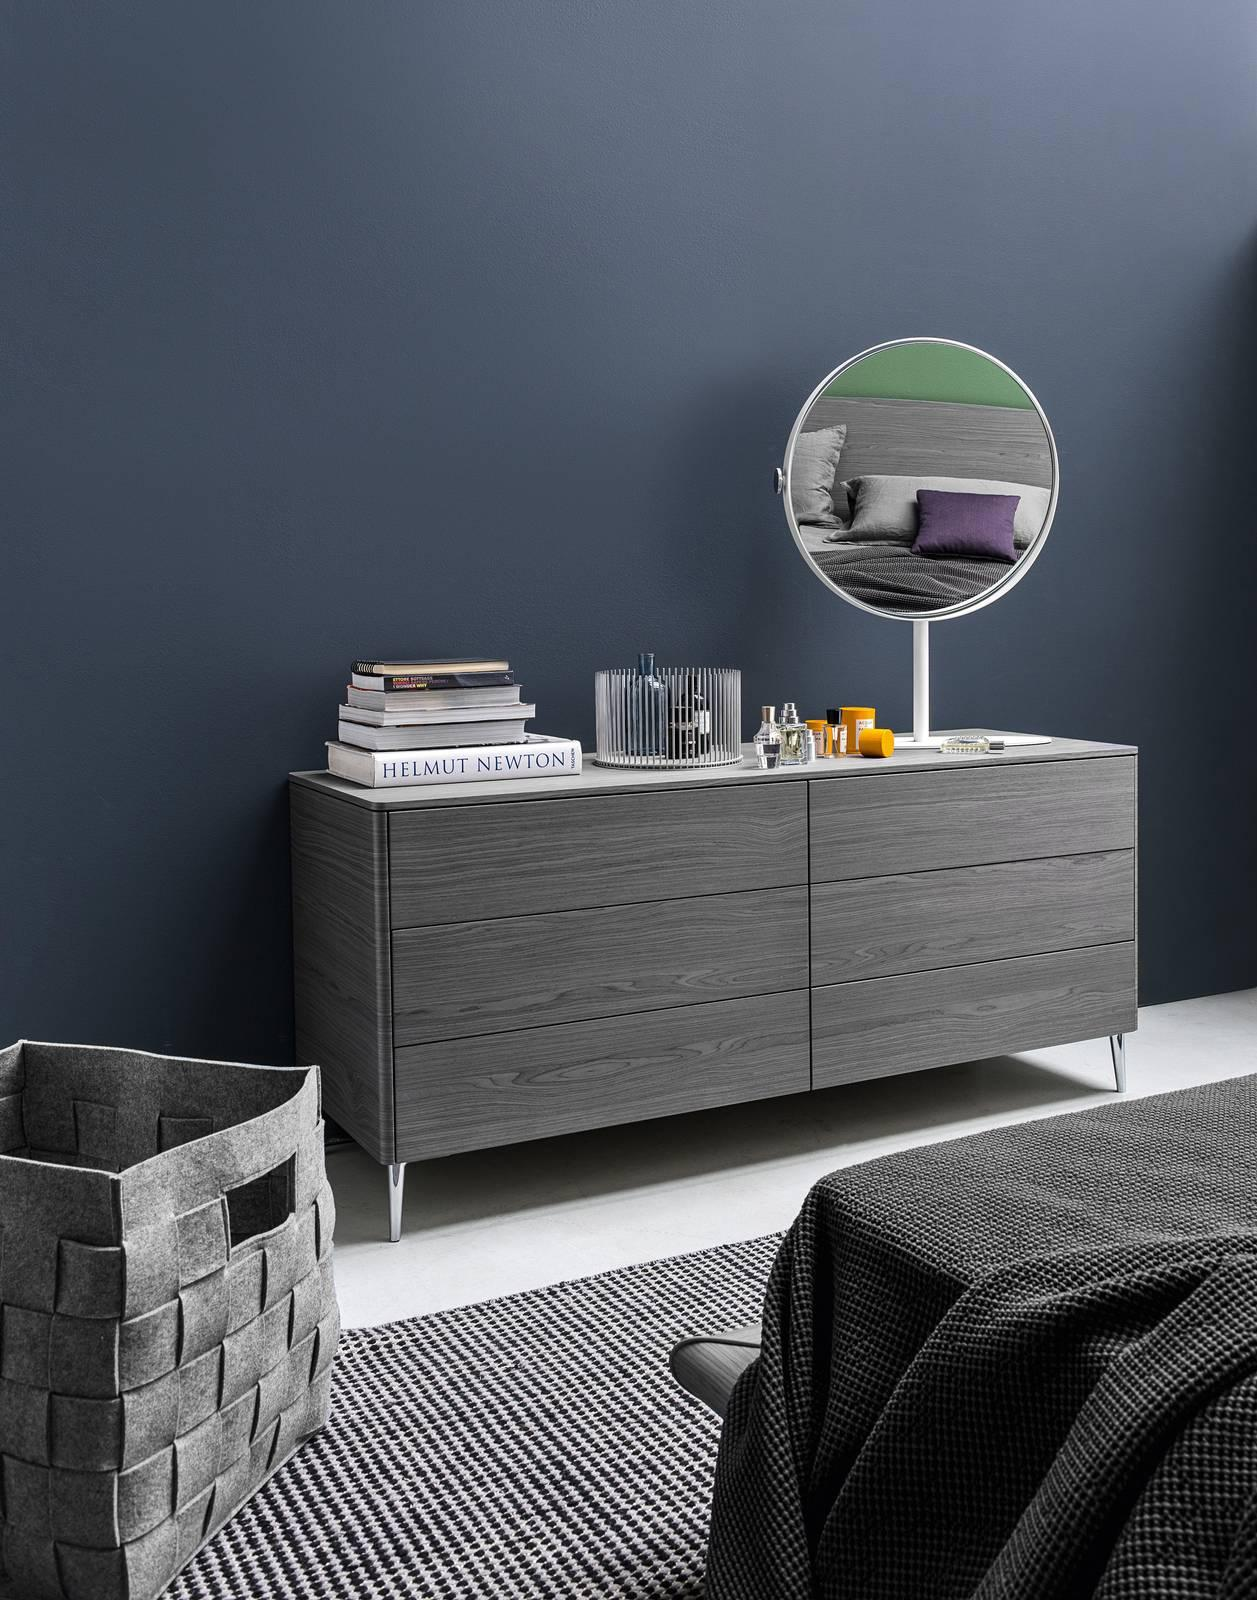 Scegliere la cassettiera per la camera da letto - Cose di Casa